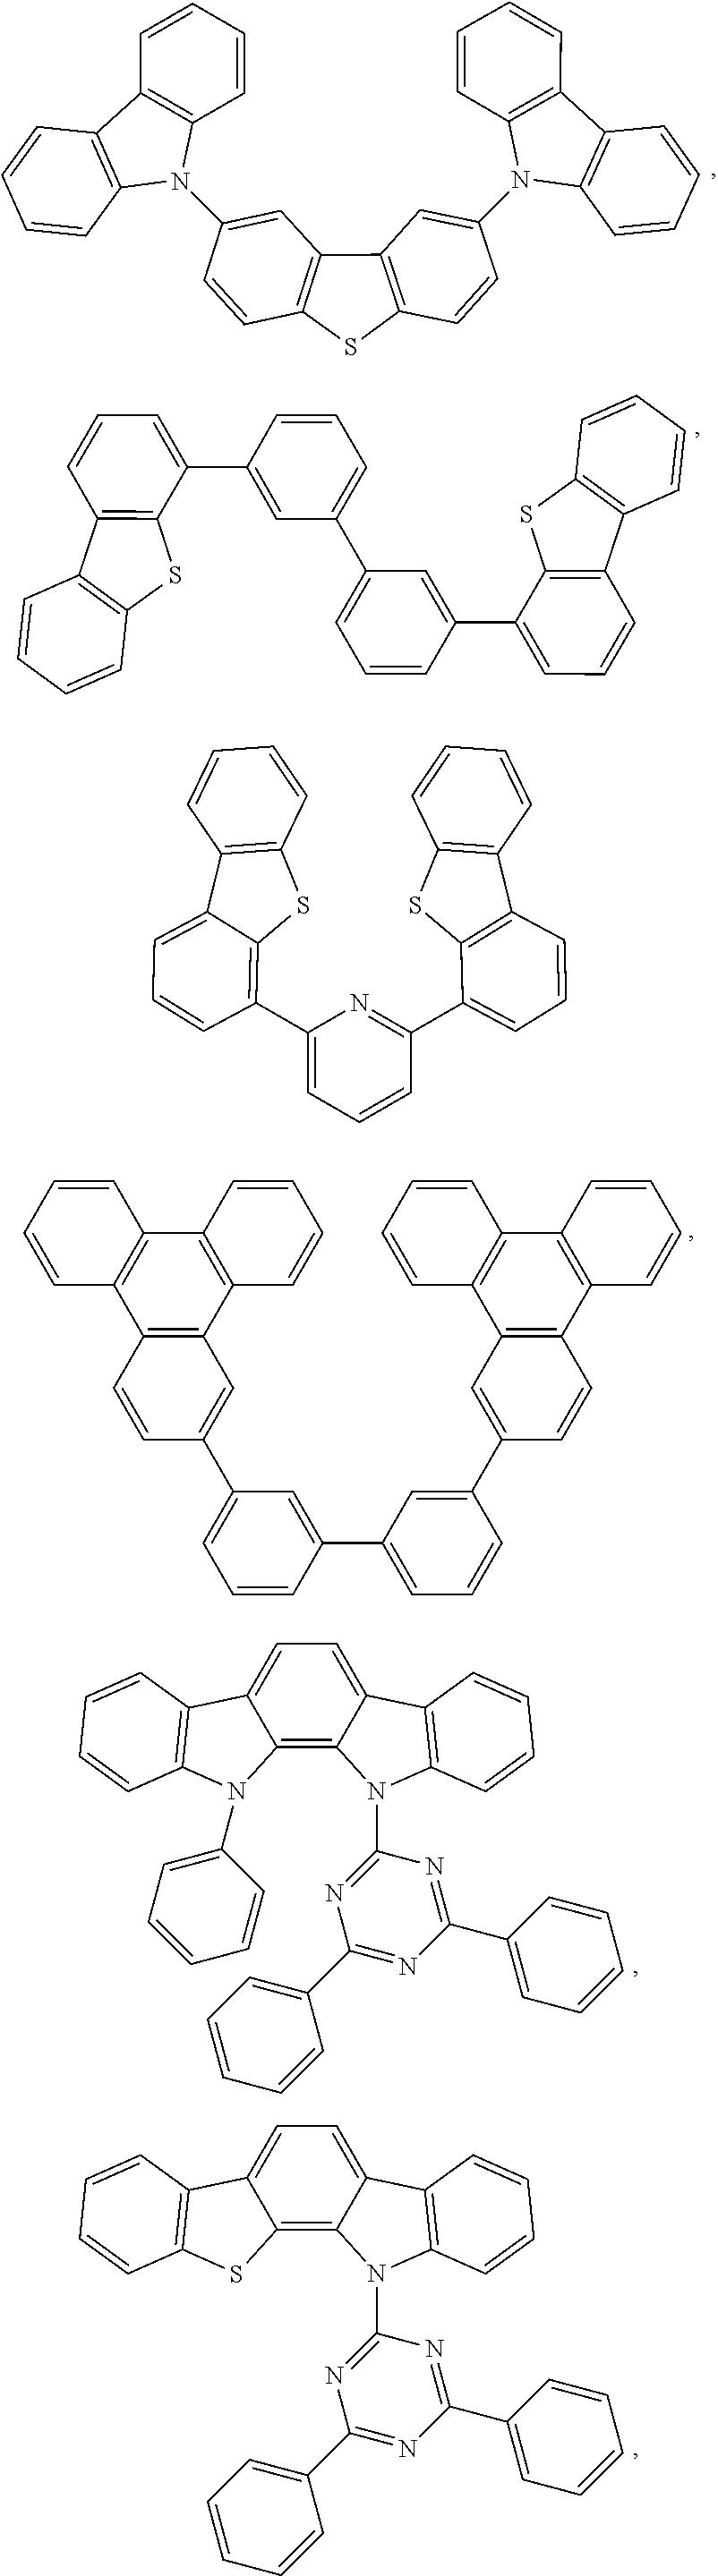 Figure US09193745-20151124-C00006